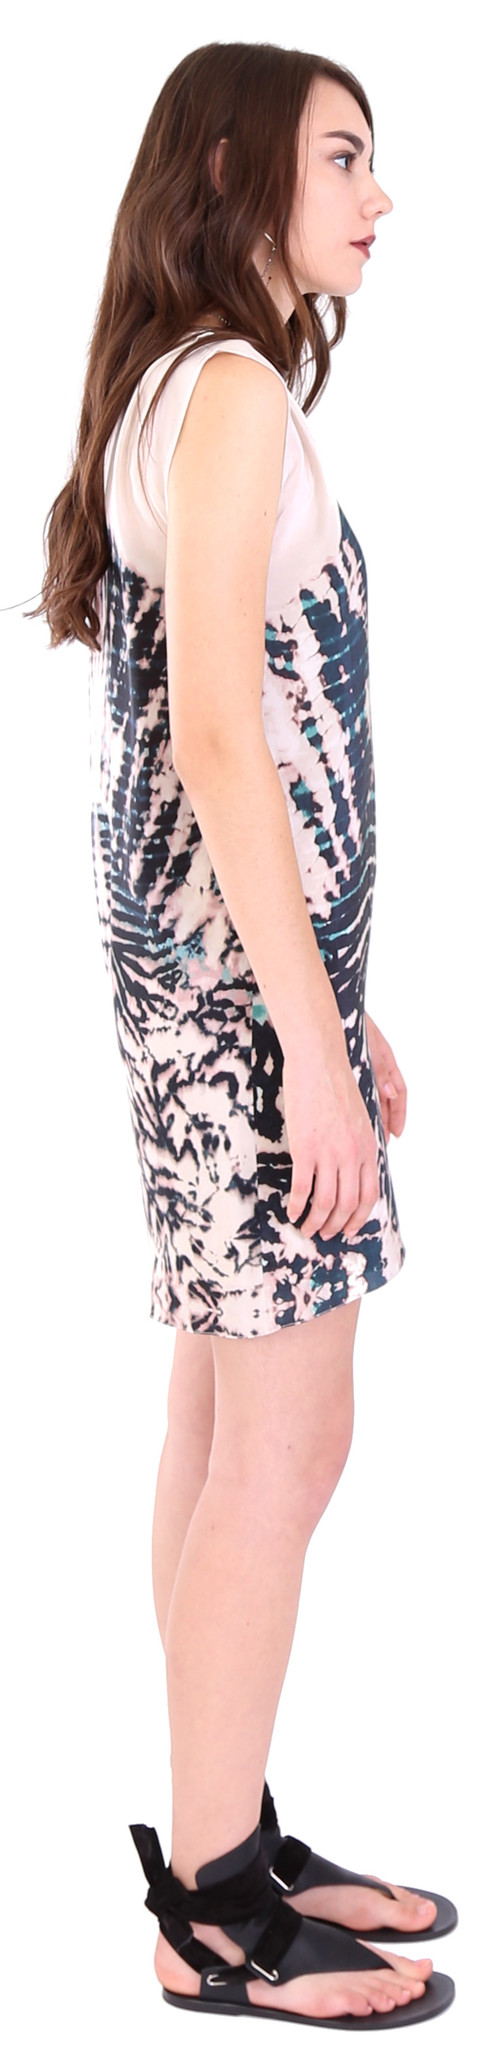 Laura Siegel Soft Dress